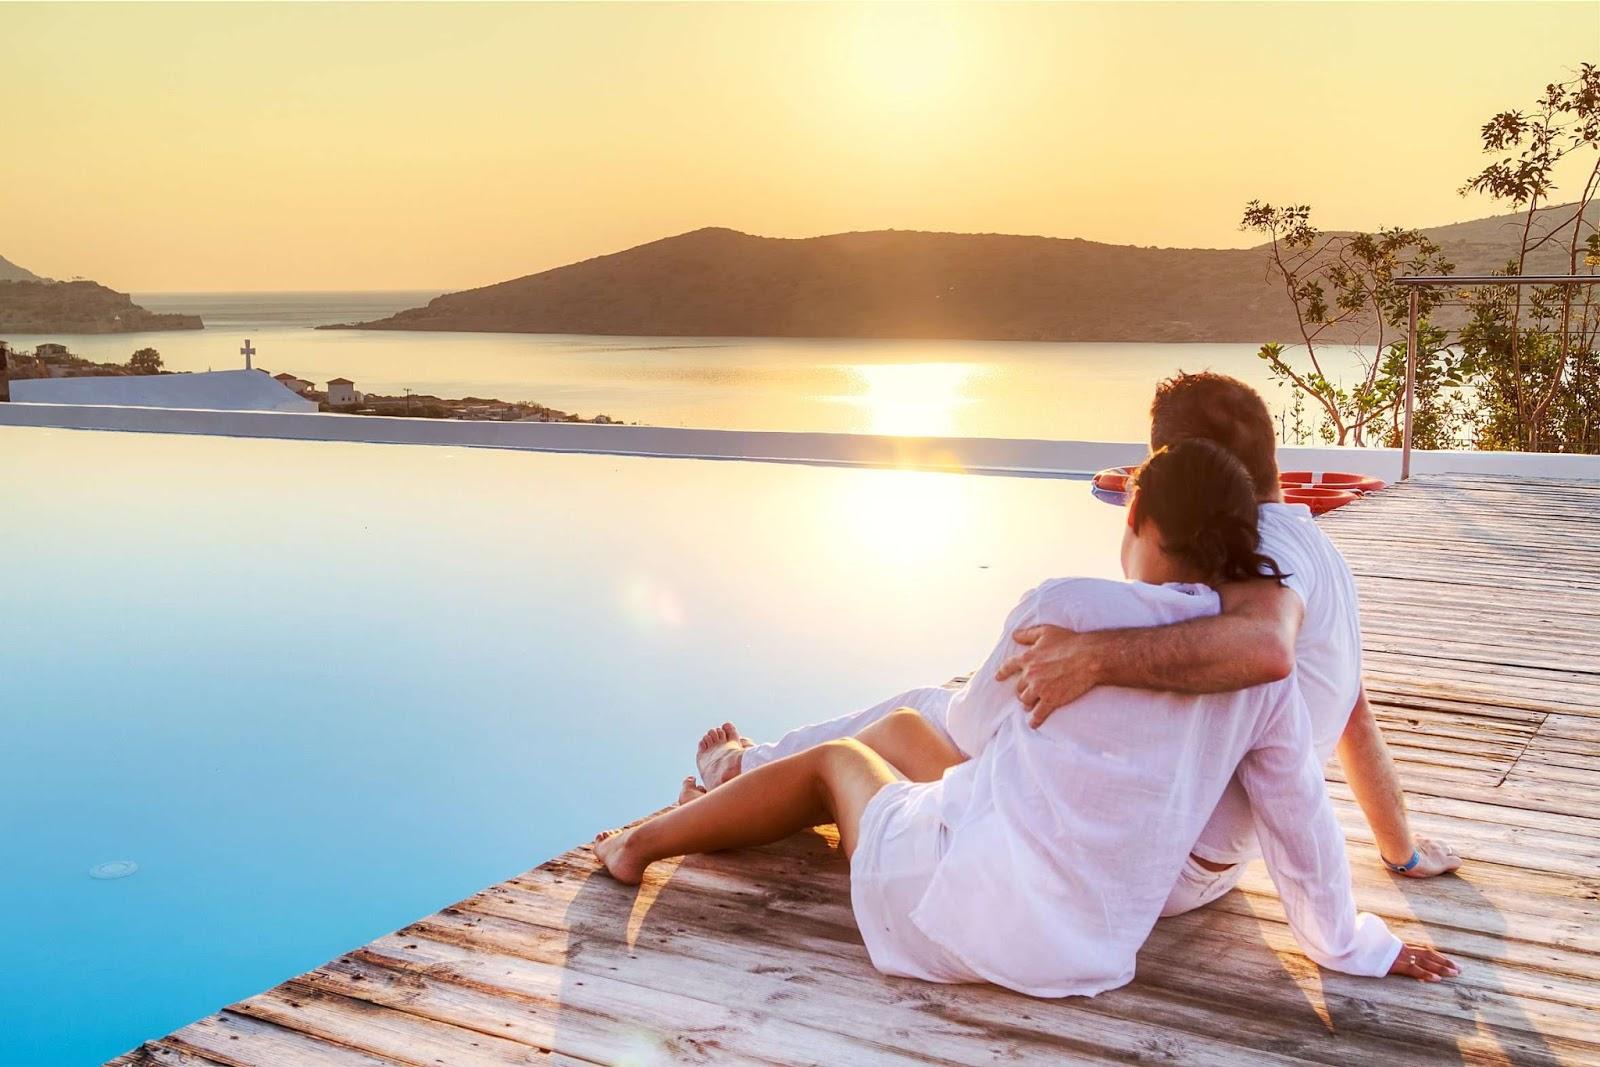 Top 100+ Hình nền tình yêu lãng mạn cho máy tính đẹp & đáng yêu